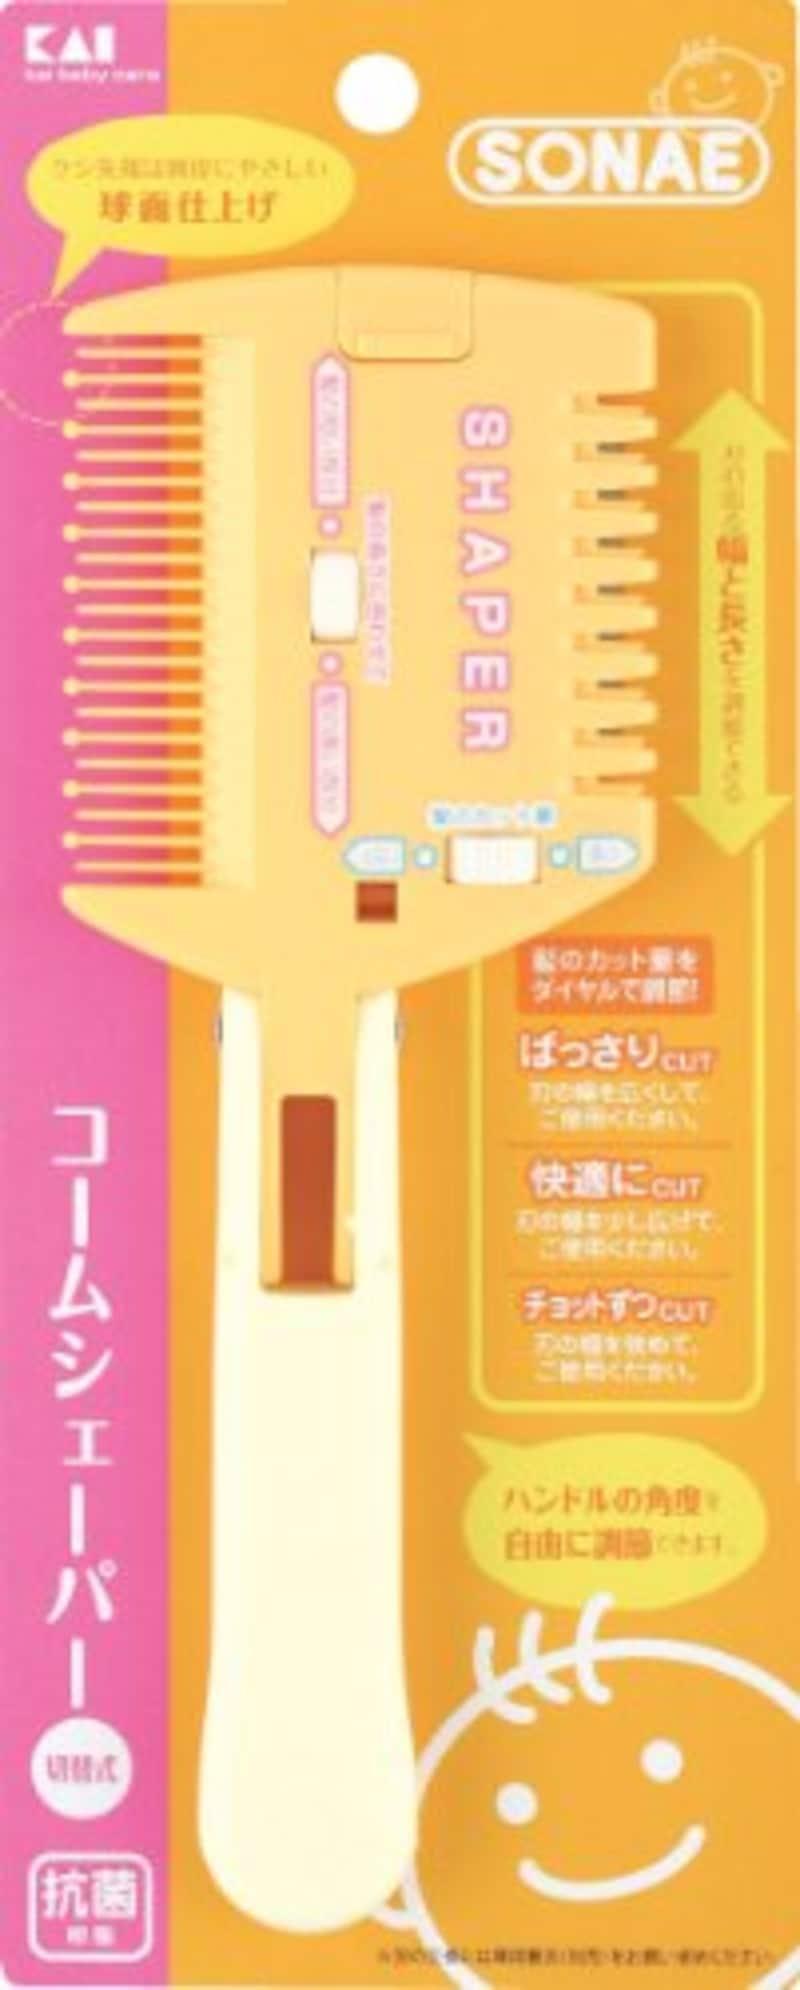 貝印,SONAE BABY コームシェーパー(切替式),KF-0249